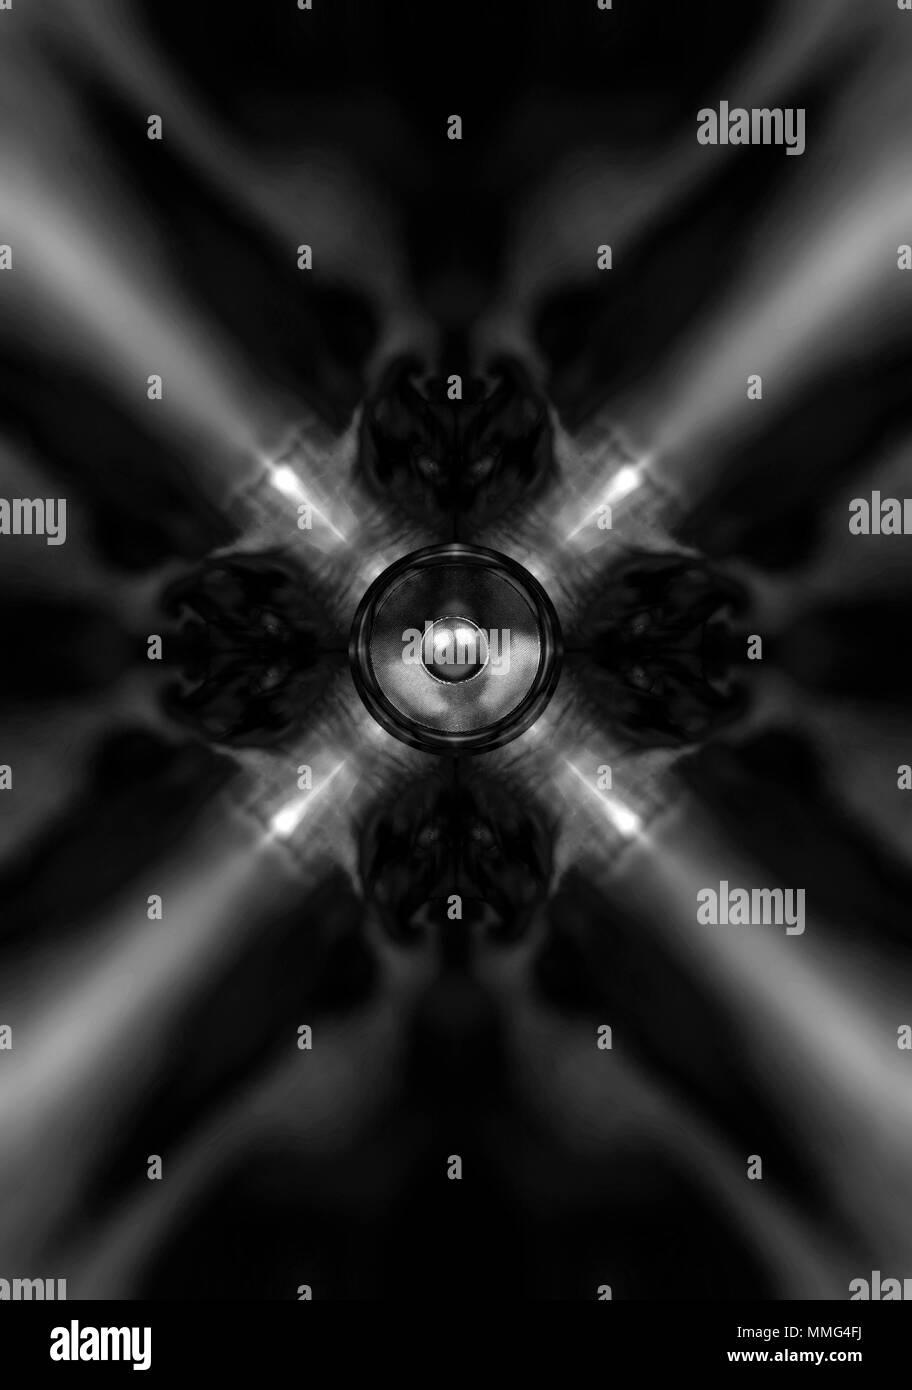 Bianco E Nero Musica Caleidoscopio Altoparlante Su Uno Sfondo Scuro